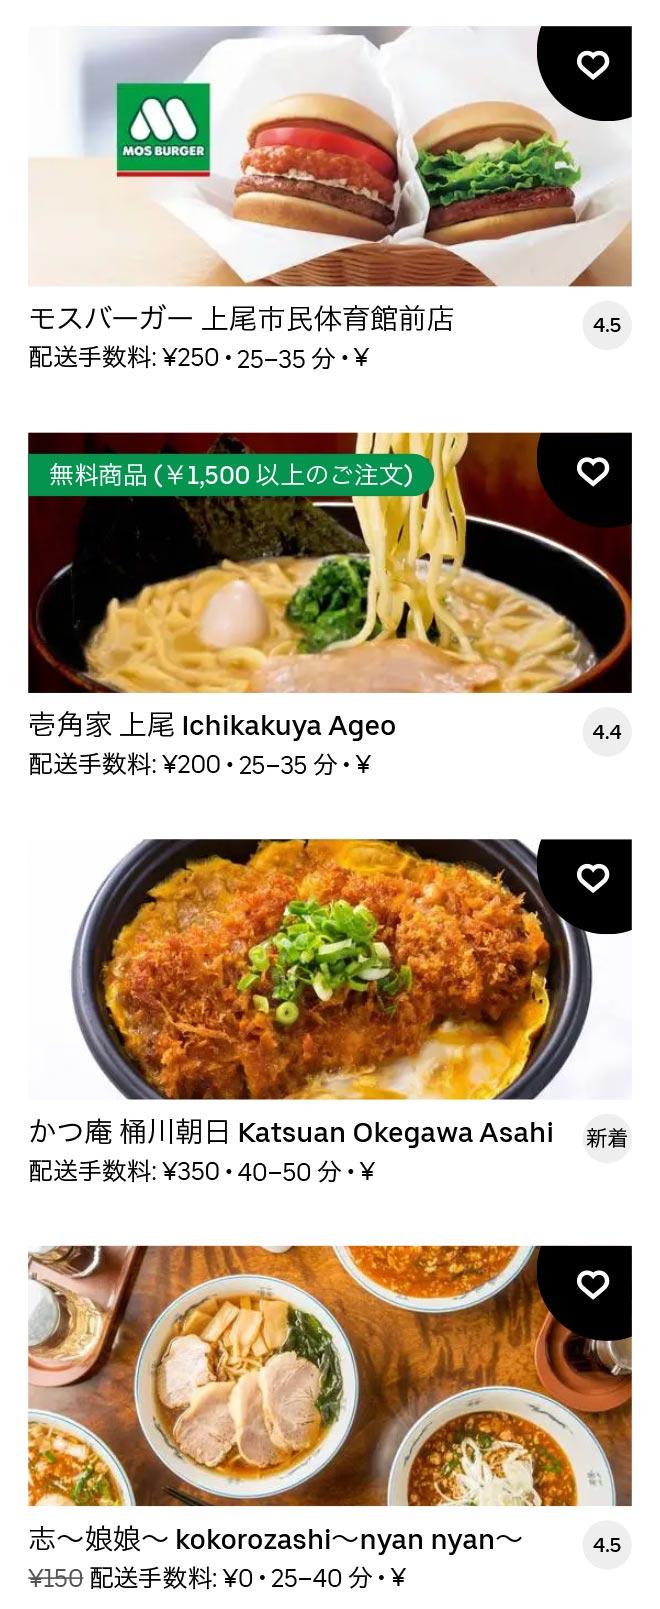 Ageo menu 2012 11